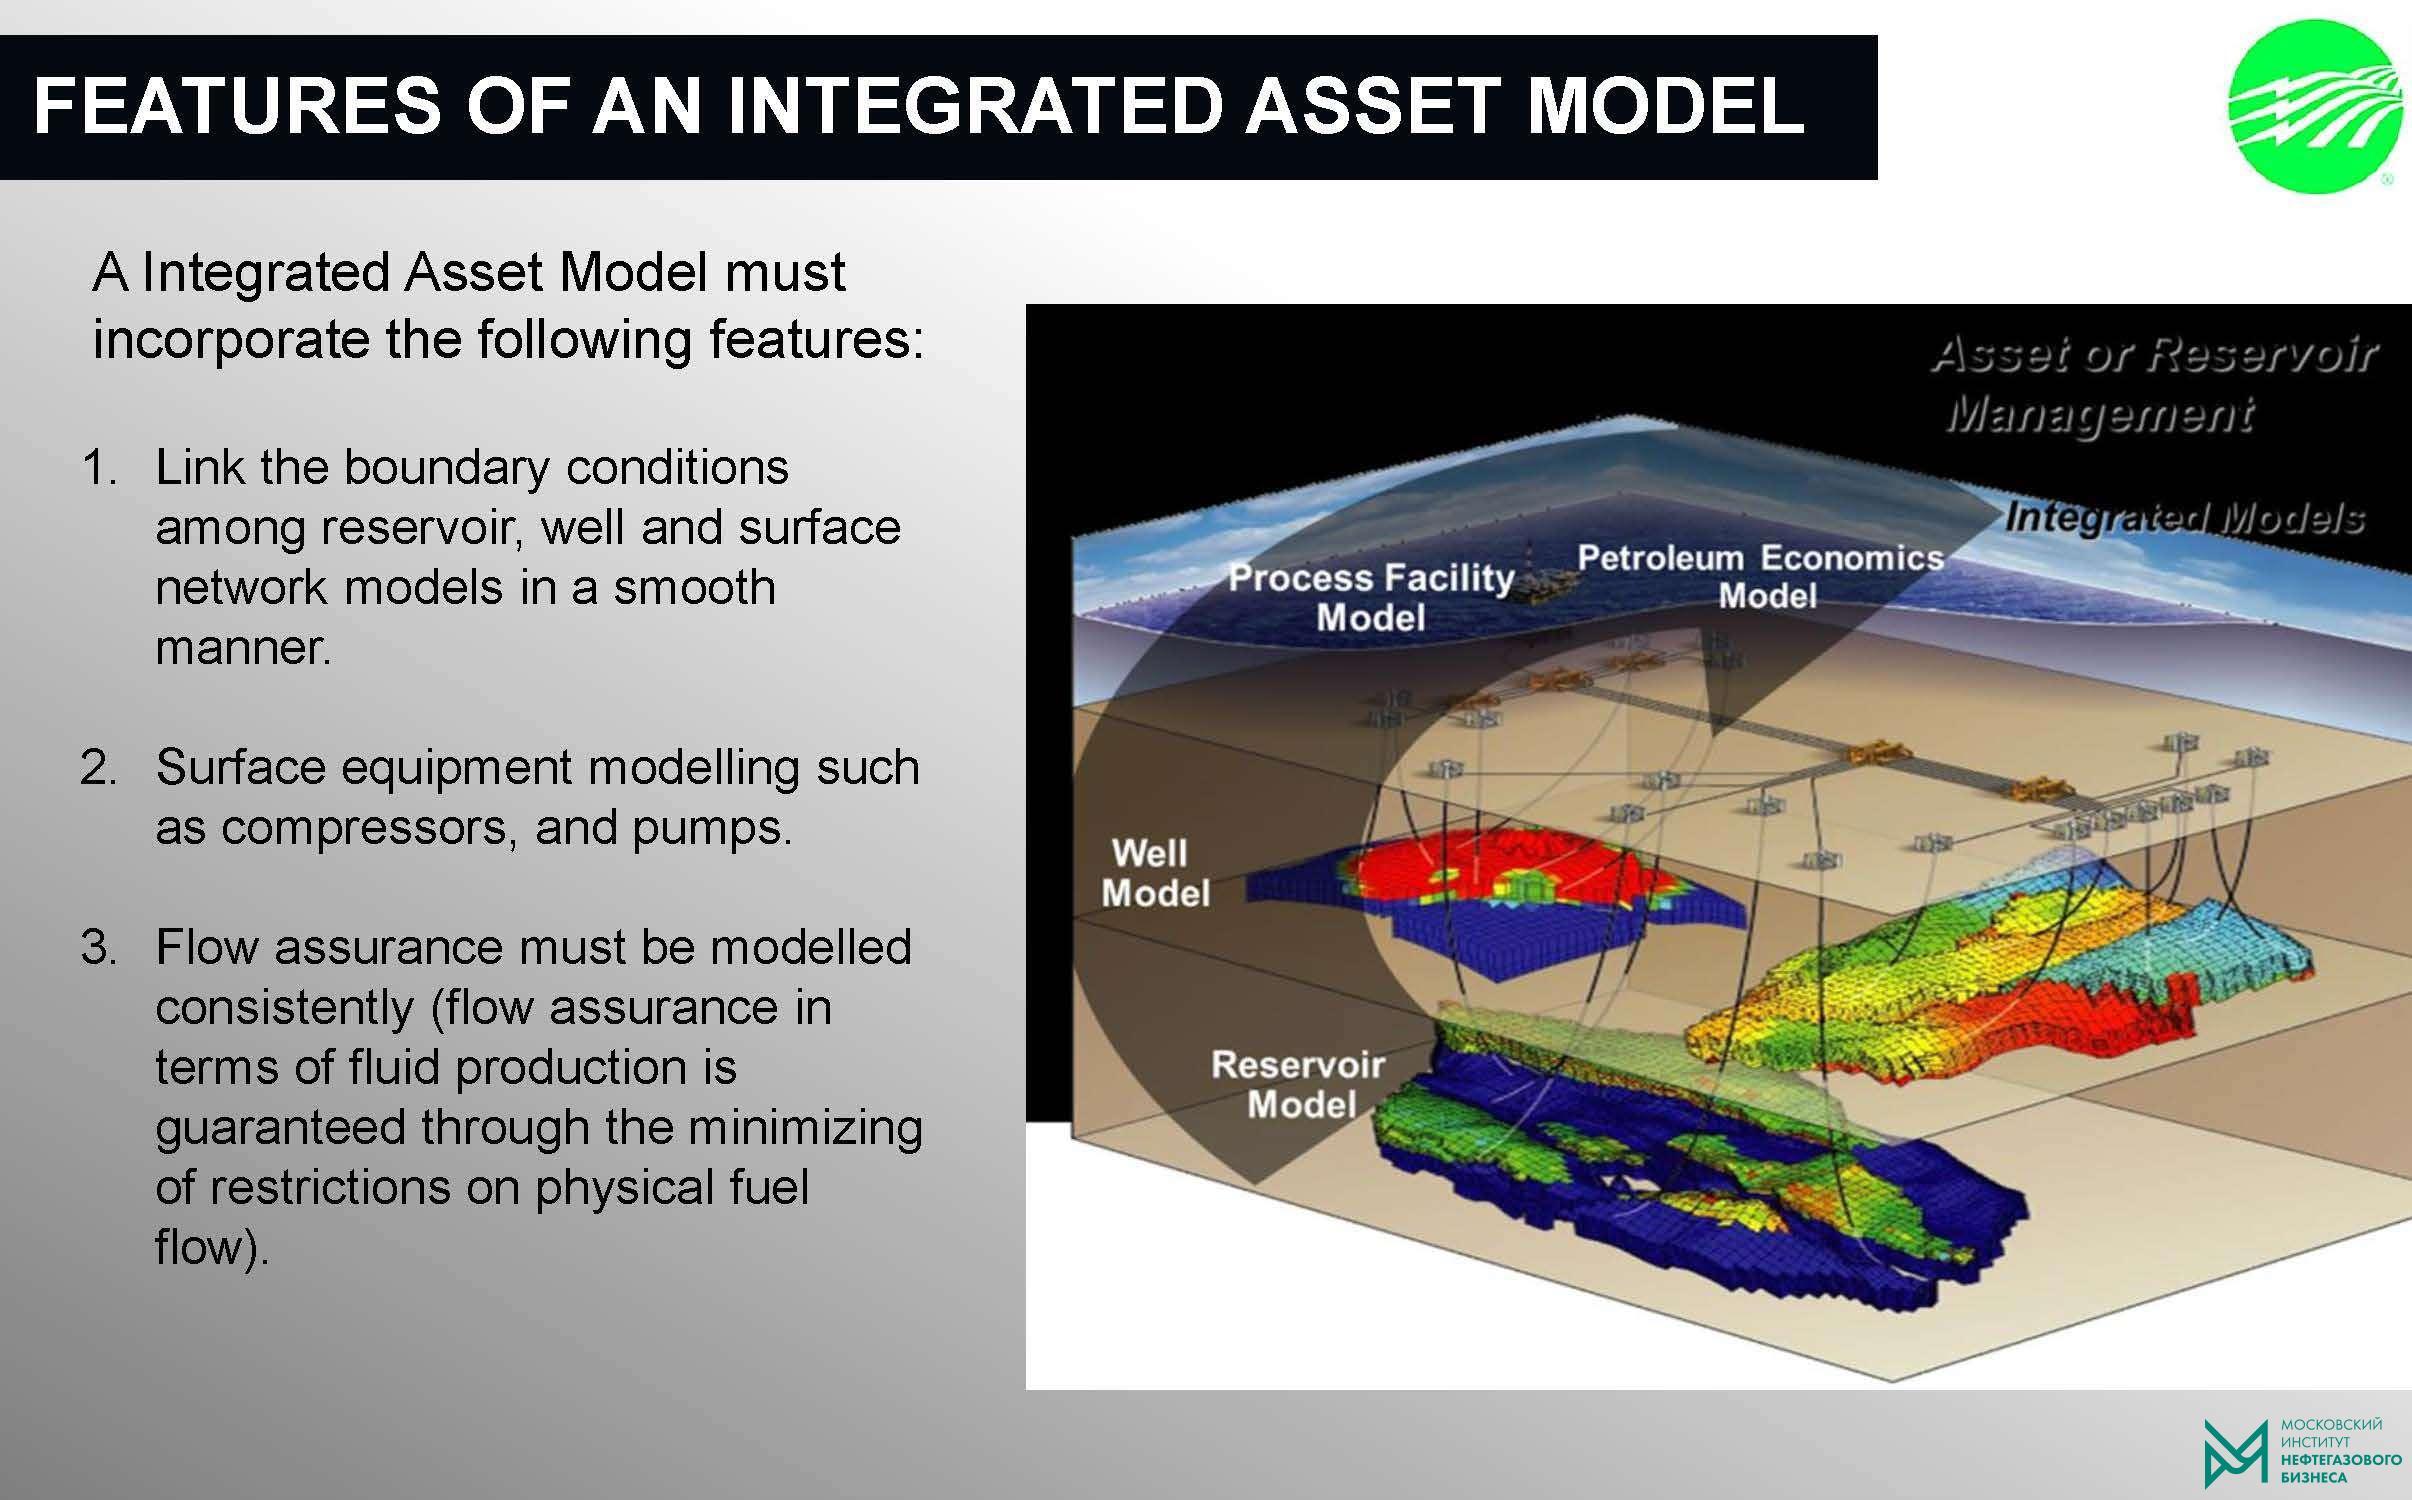 Управление проектами и разработка высокоэффективных нефтегазовых активов